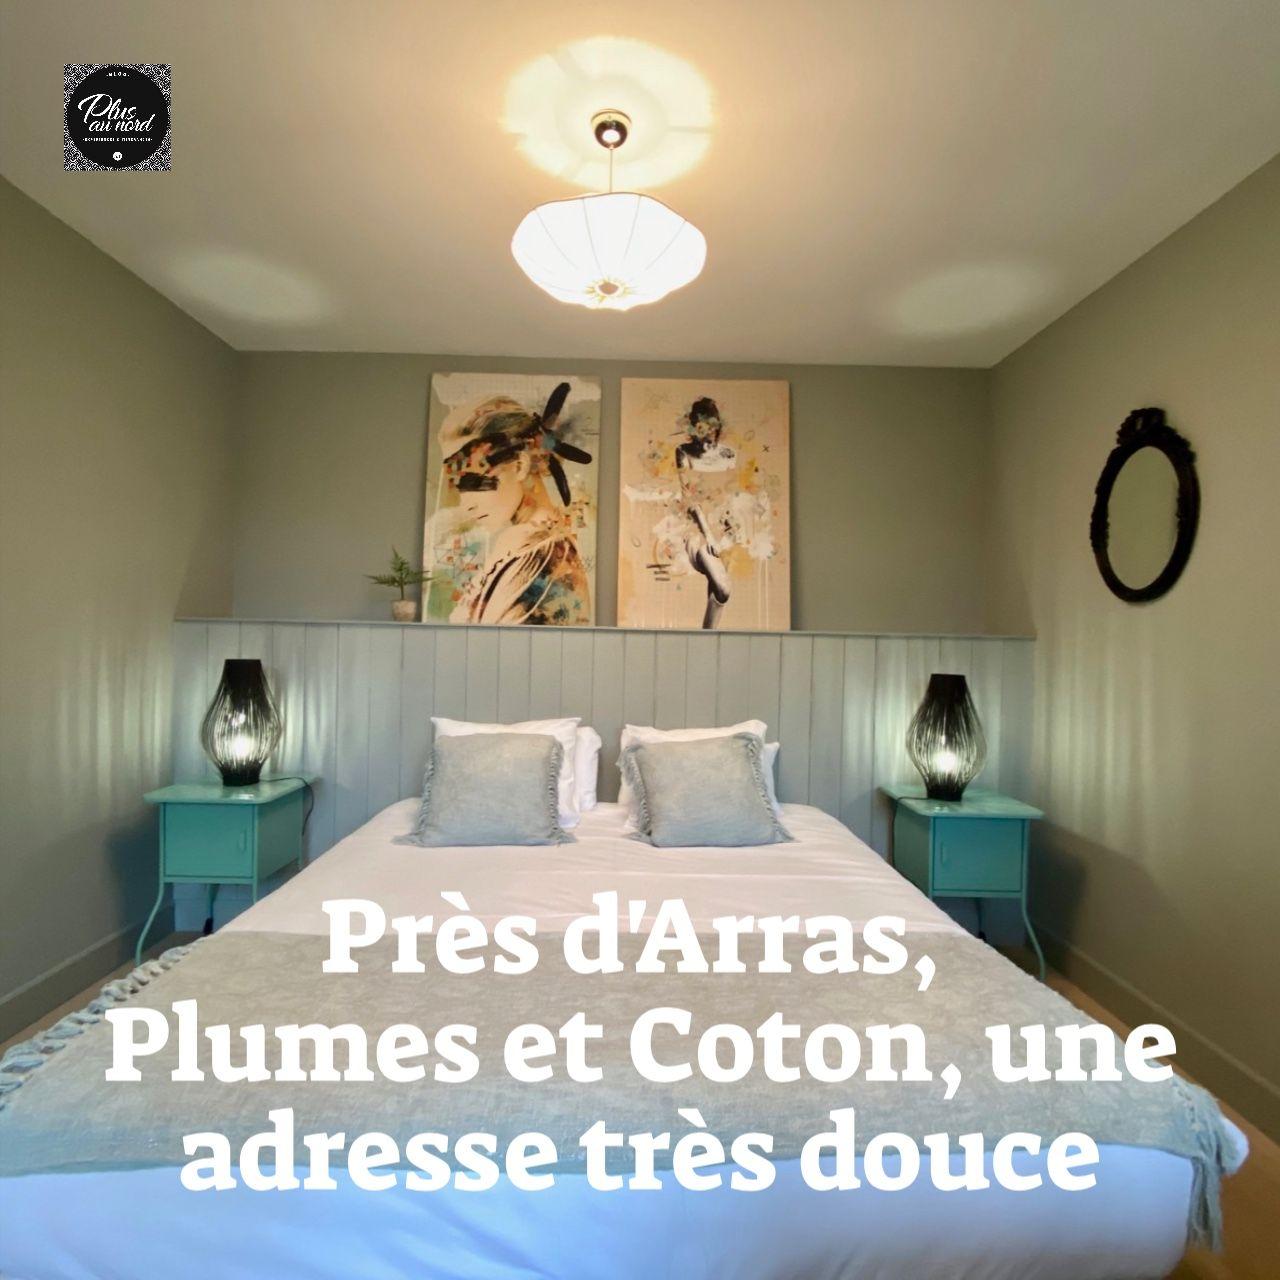 Pres D Arras Plumes Et Coton Une Adresse Tres Douce En 2020 Maison D Hotes Maison Maison Bourgeoise